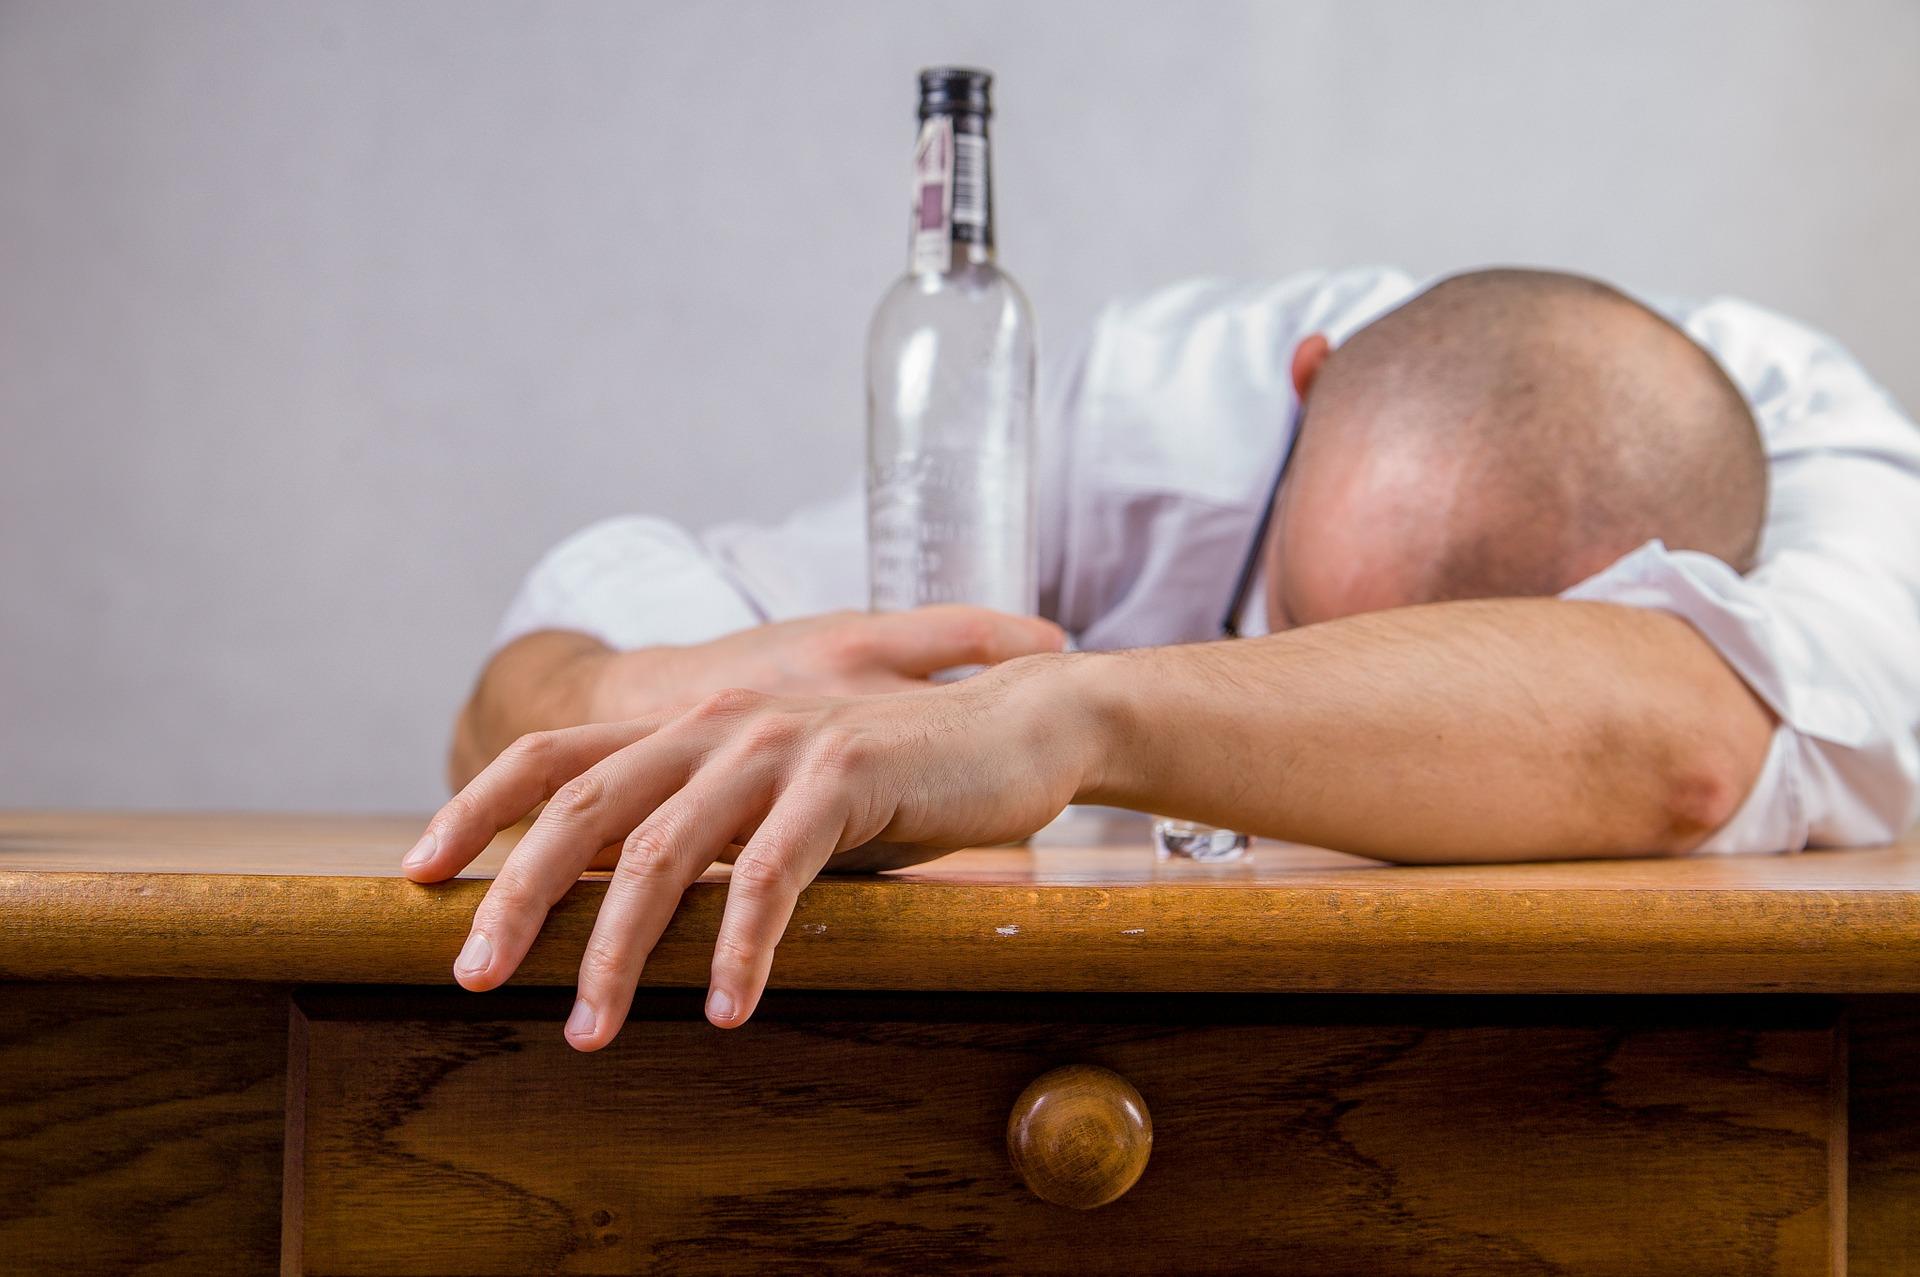 imagen sobre las etapas del alcoholismo